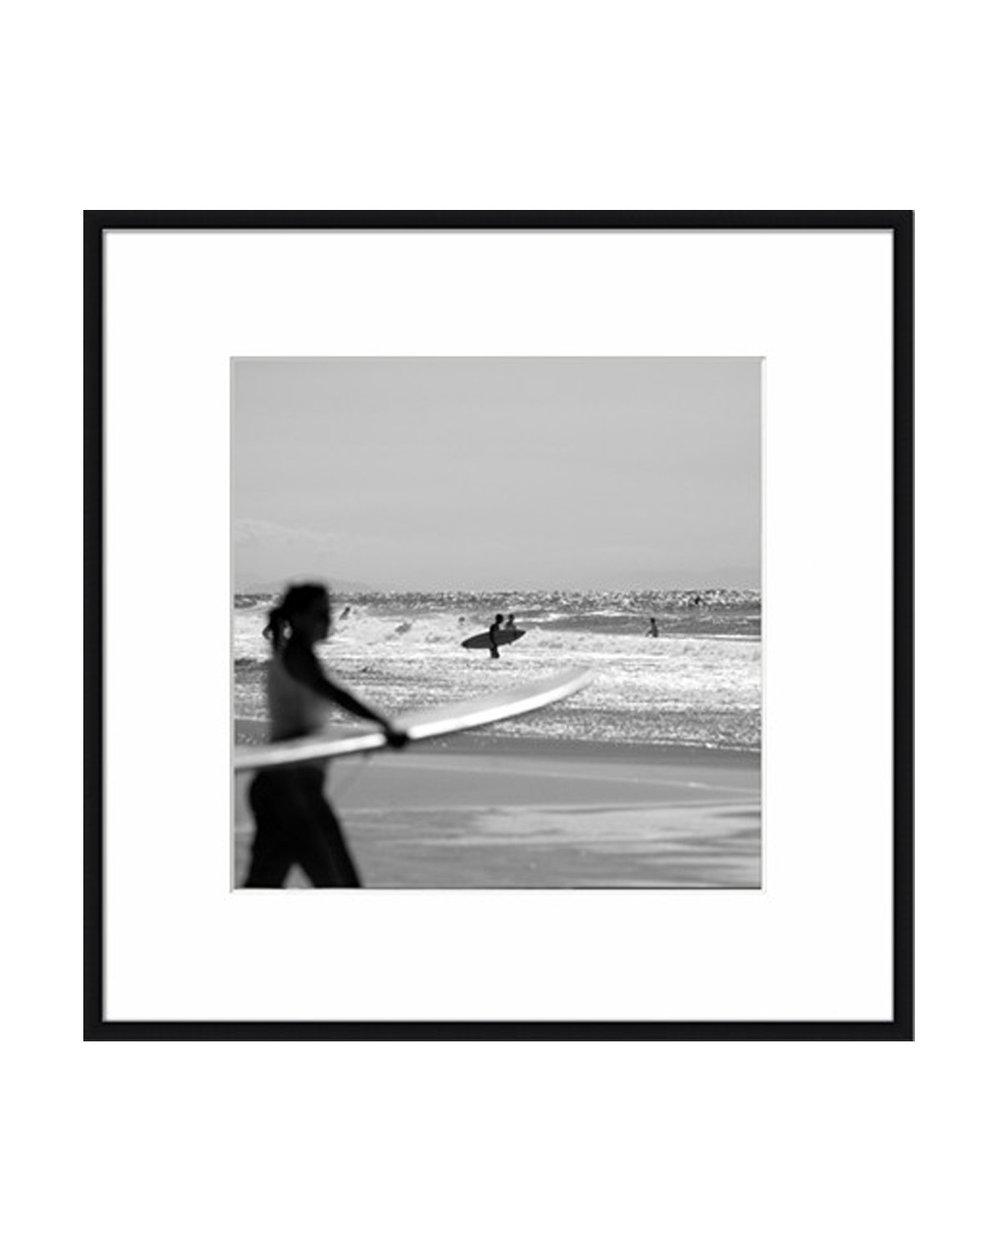 Beach_Break_1.jpg